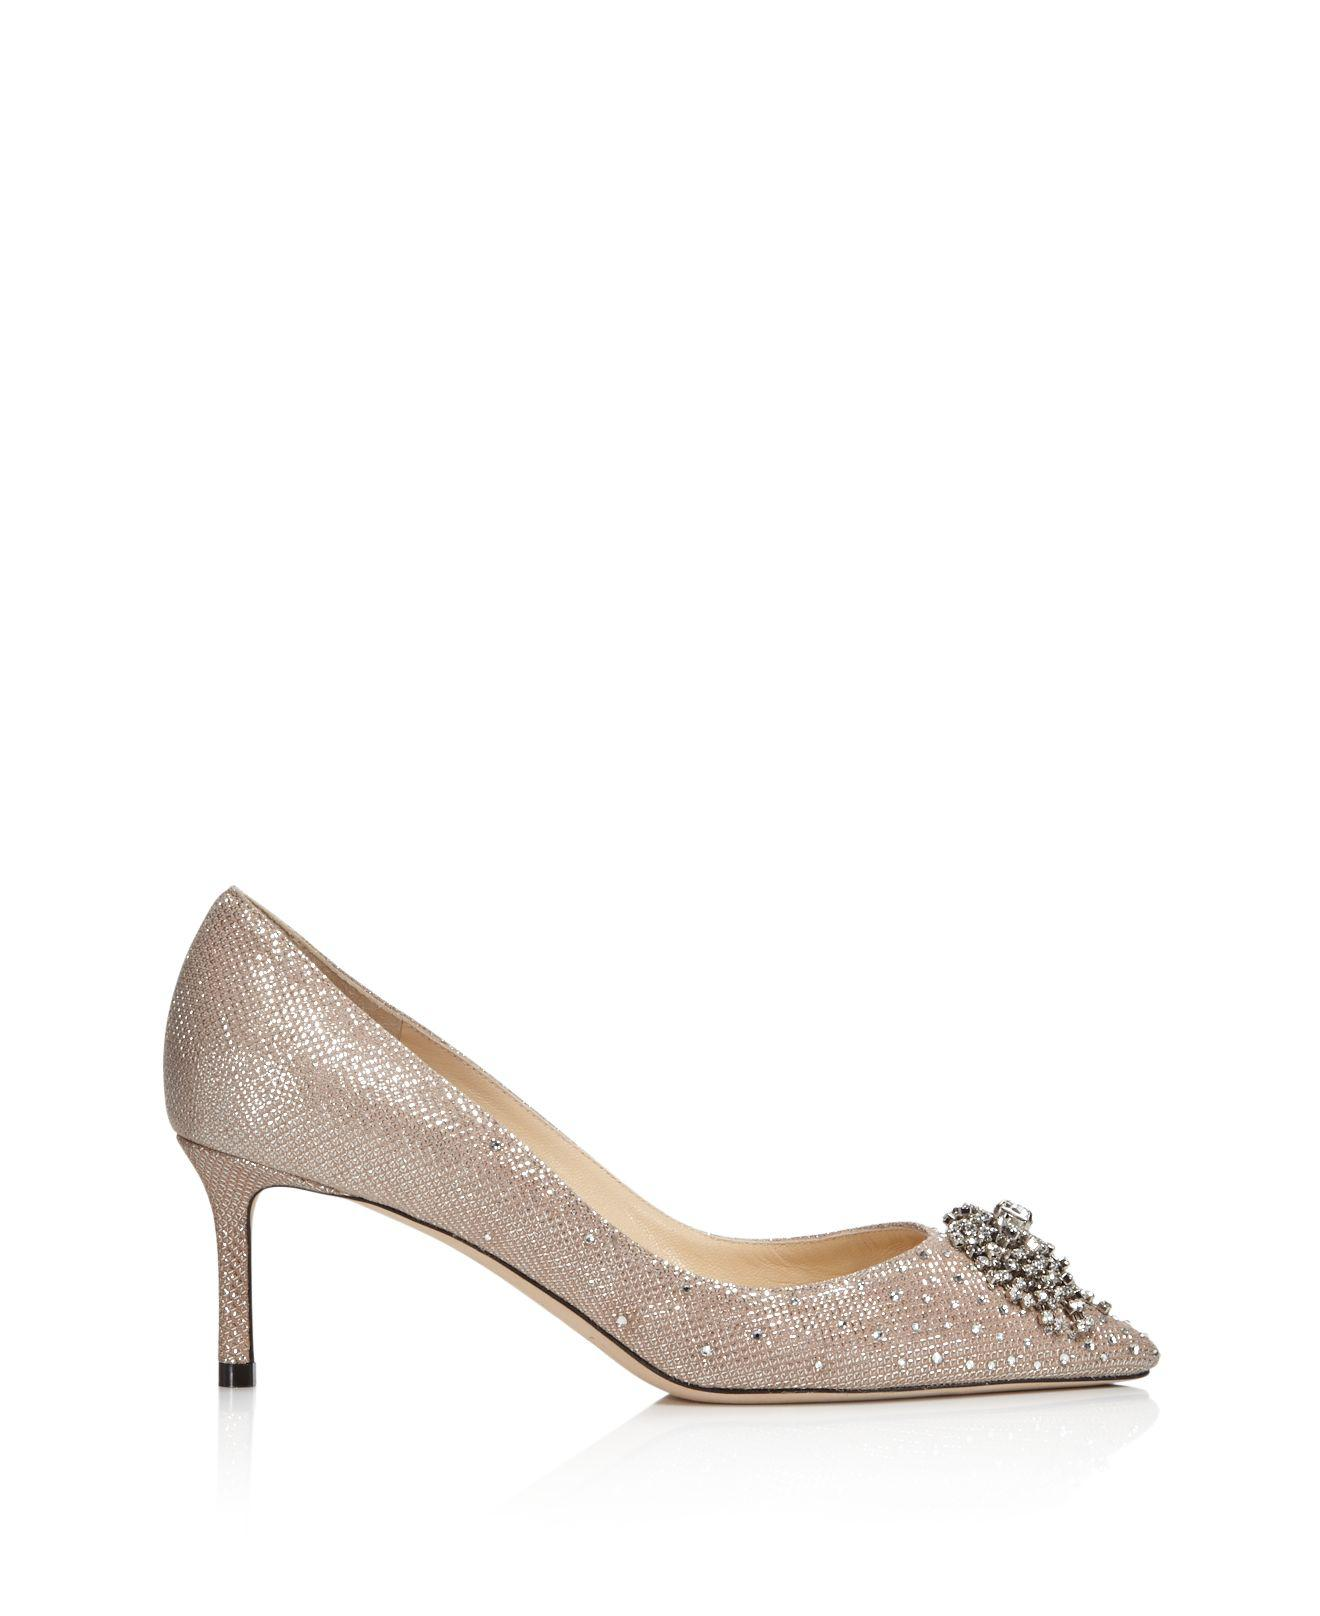 Jimmy choo Women's Joan 60 Glitter Mesh & Leather Pointed Toe Mid Heel Pumps T6CzxkIwh